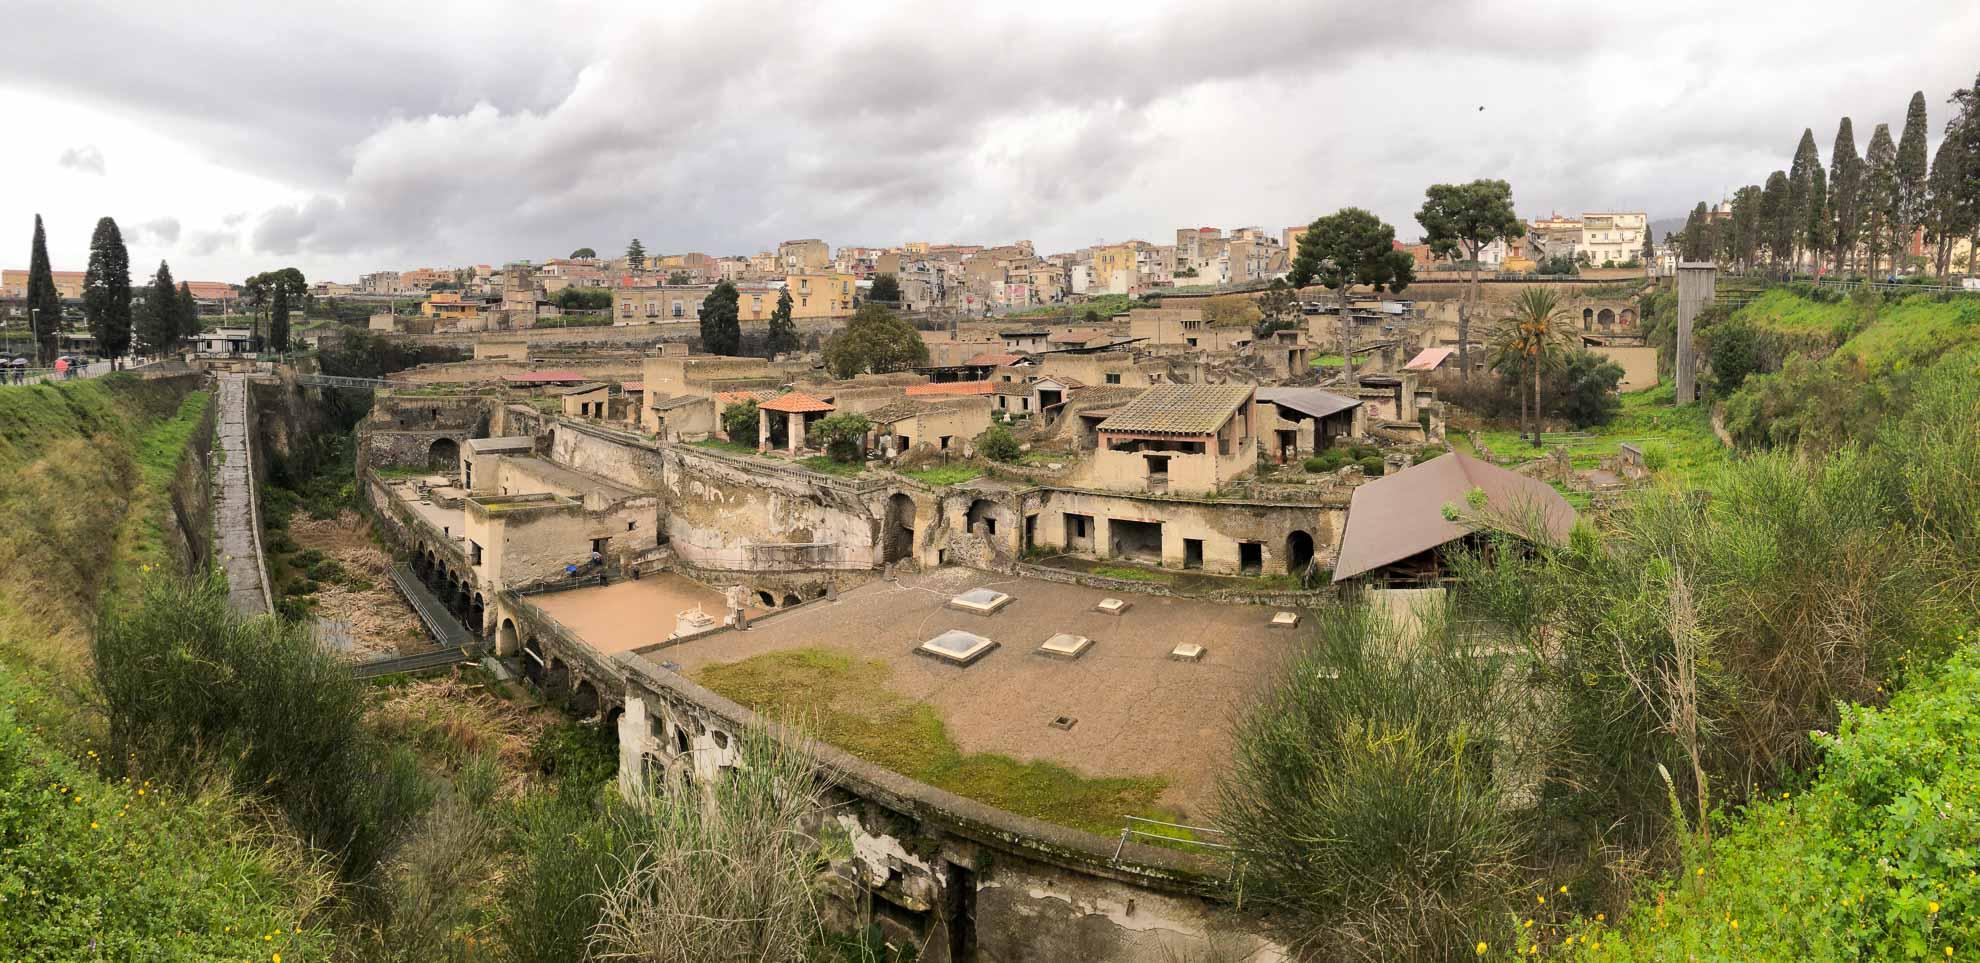 Pompeji war beeindruckend, doch es gibt noch weitere einst verschüttete antike Städte in der Region zu entdecken.